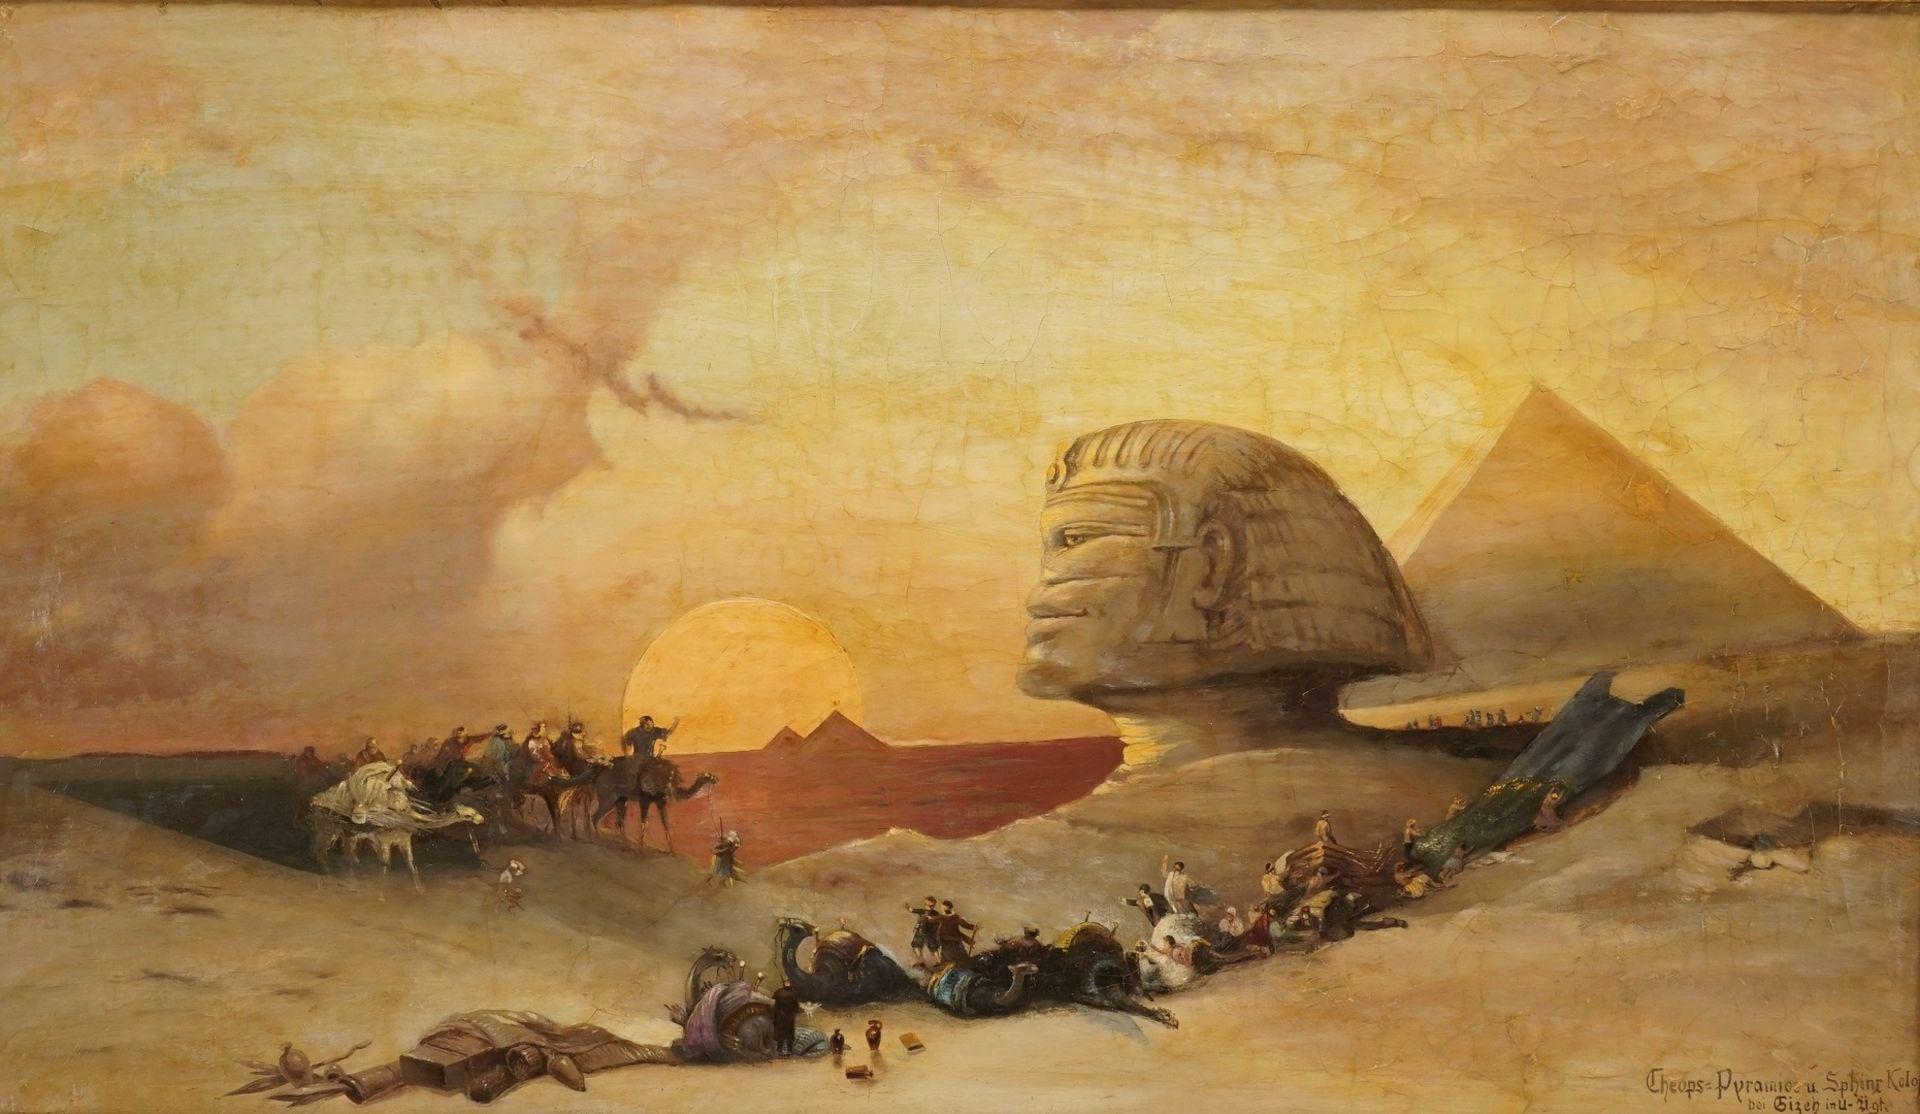 """David Roberts, """"Cheops-Pyramide und Sphinx-Koloss bei Gizeh in U.-Äg[yp]t[en]"""" - Bild 2 aus 4"""